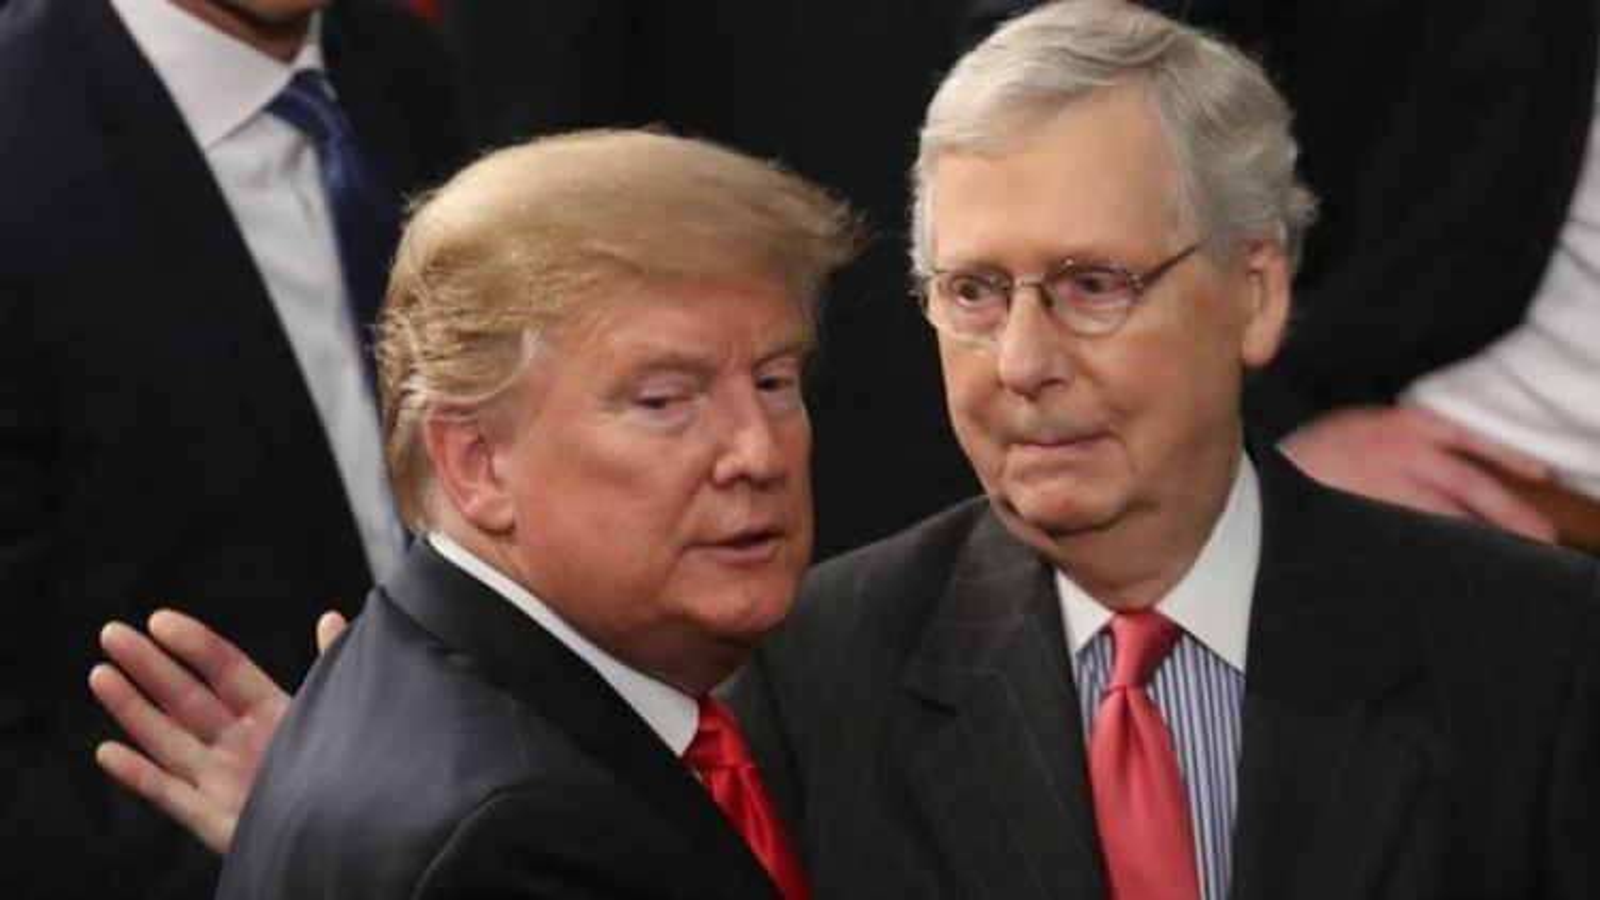 Thượng viện lên kế hoạch xét xử, GOP tính toán khả năng kết tội Tổng thống Trump